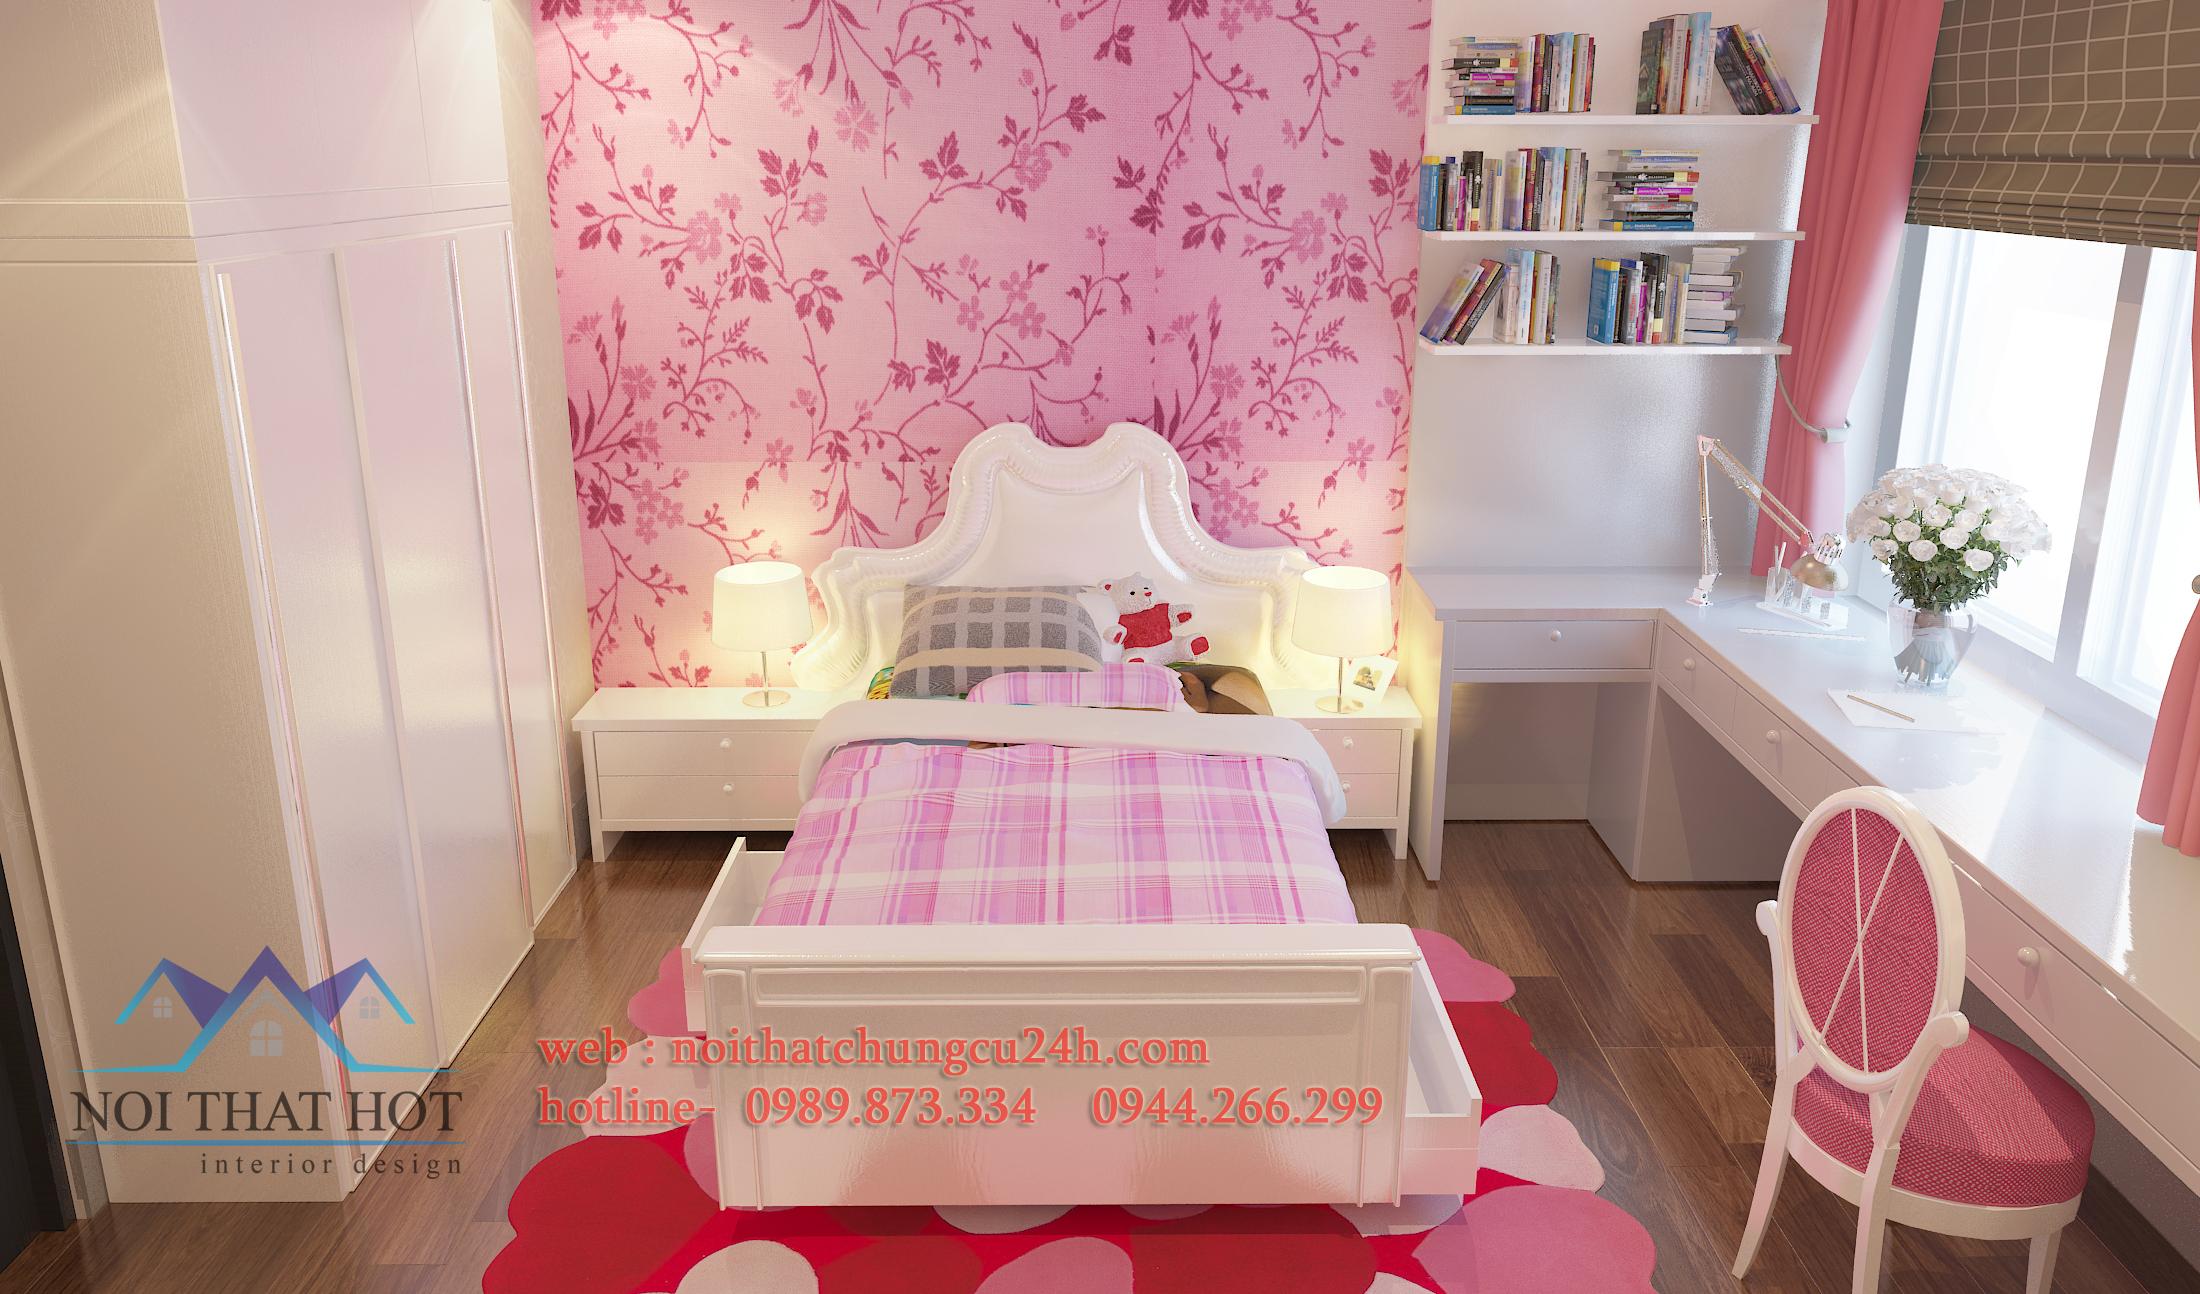 thi công thiết kế căn hộ chung cư hoàn thiện phòng ngủ bé gái